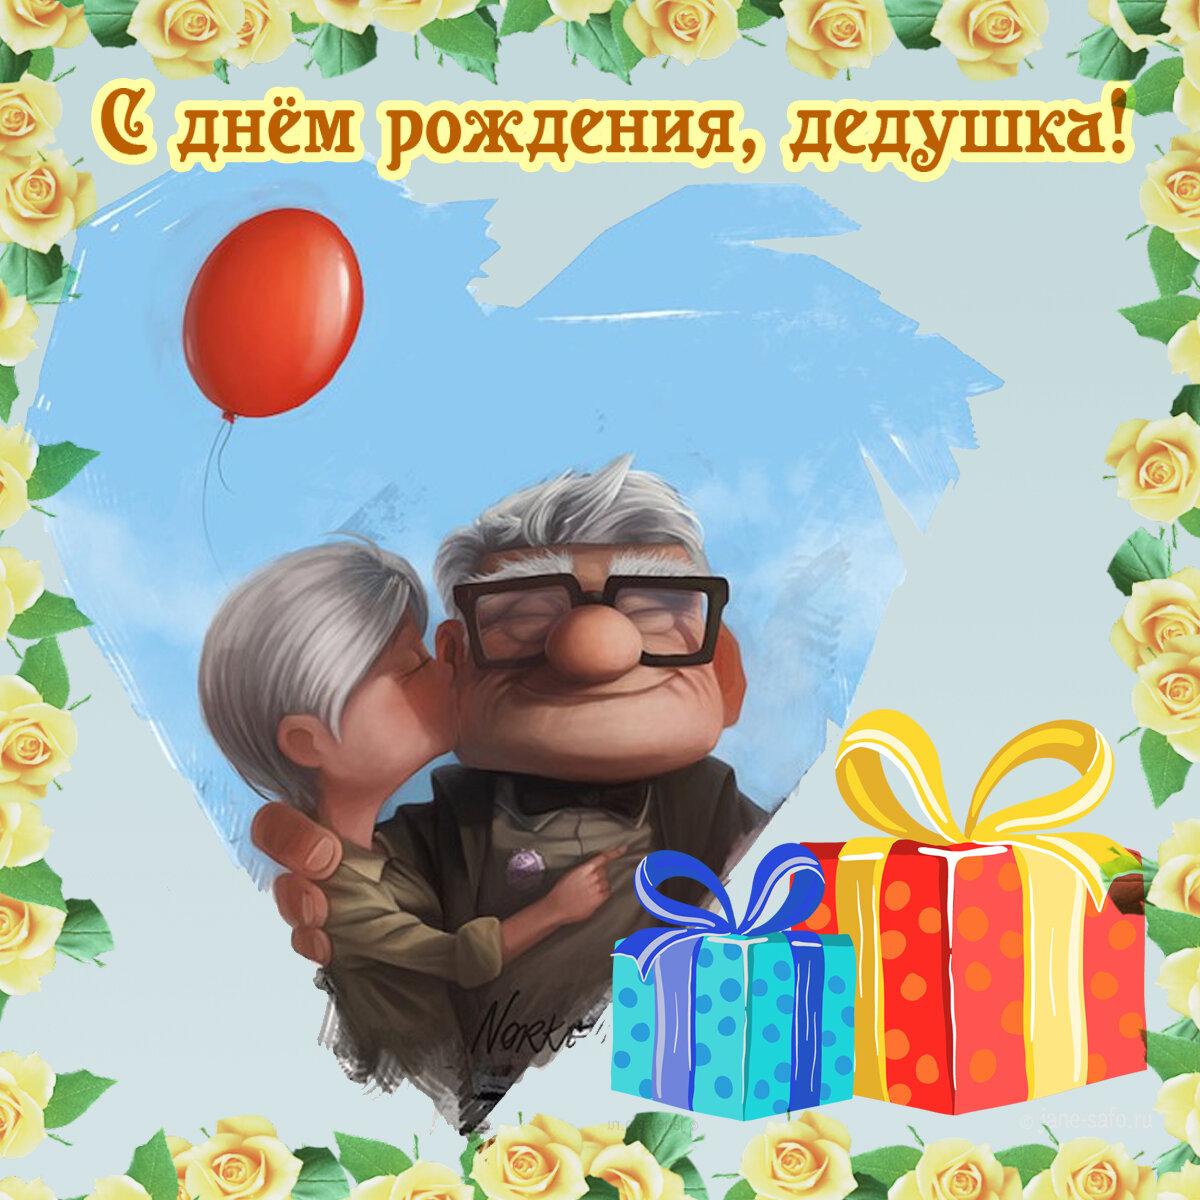 Дети картинки, картинка с днем рождения дедуля